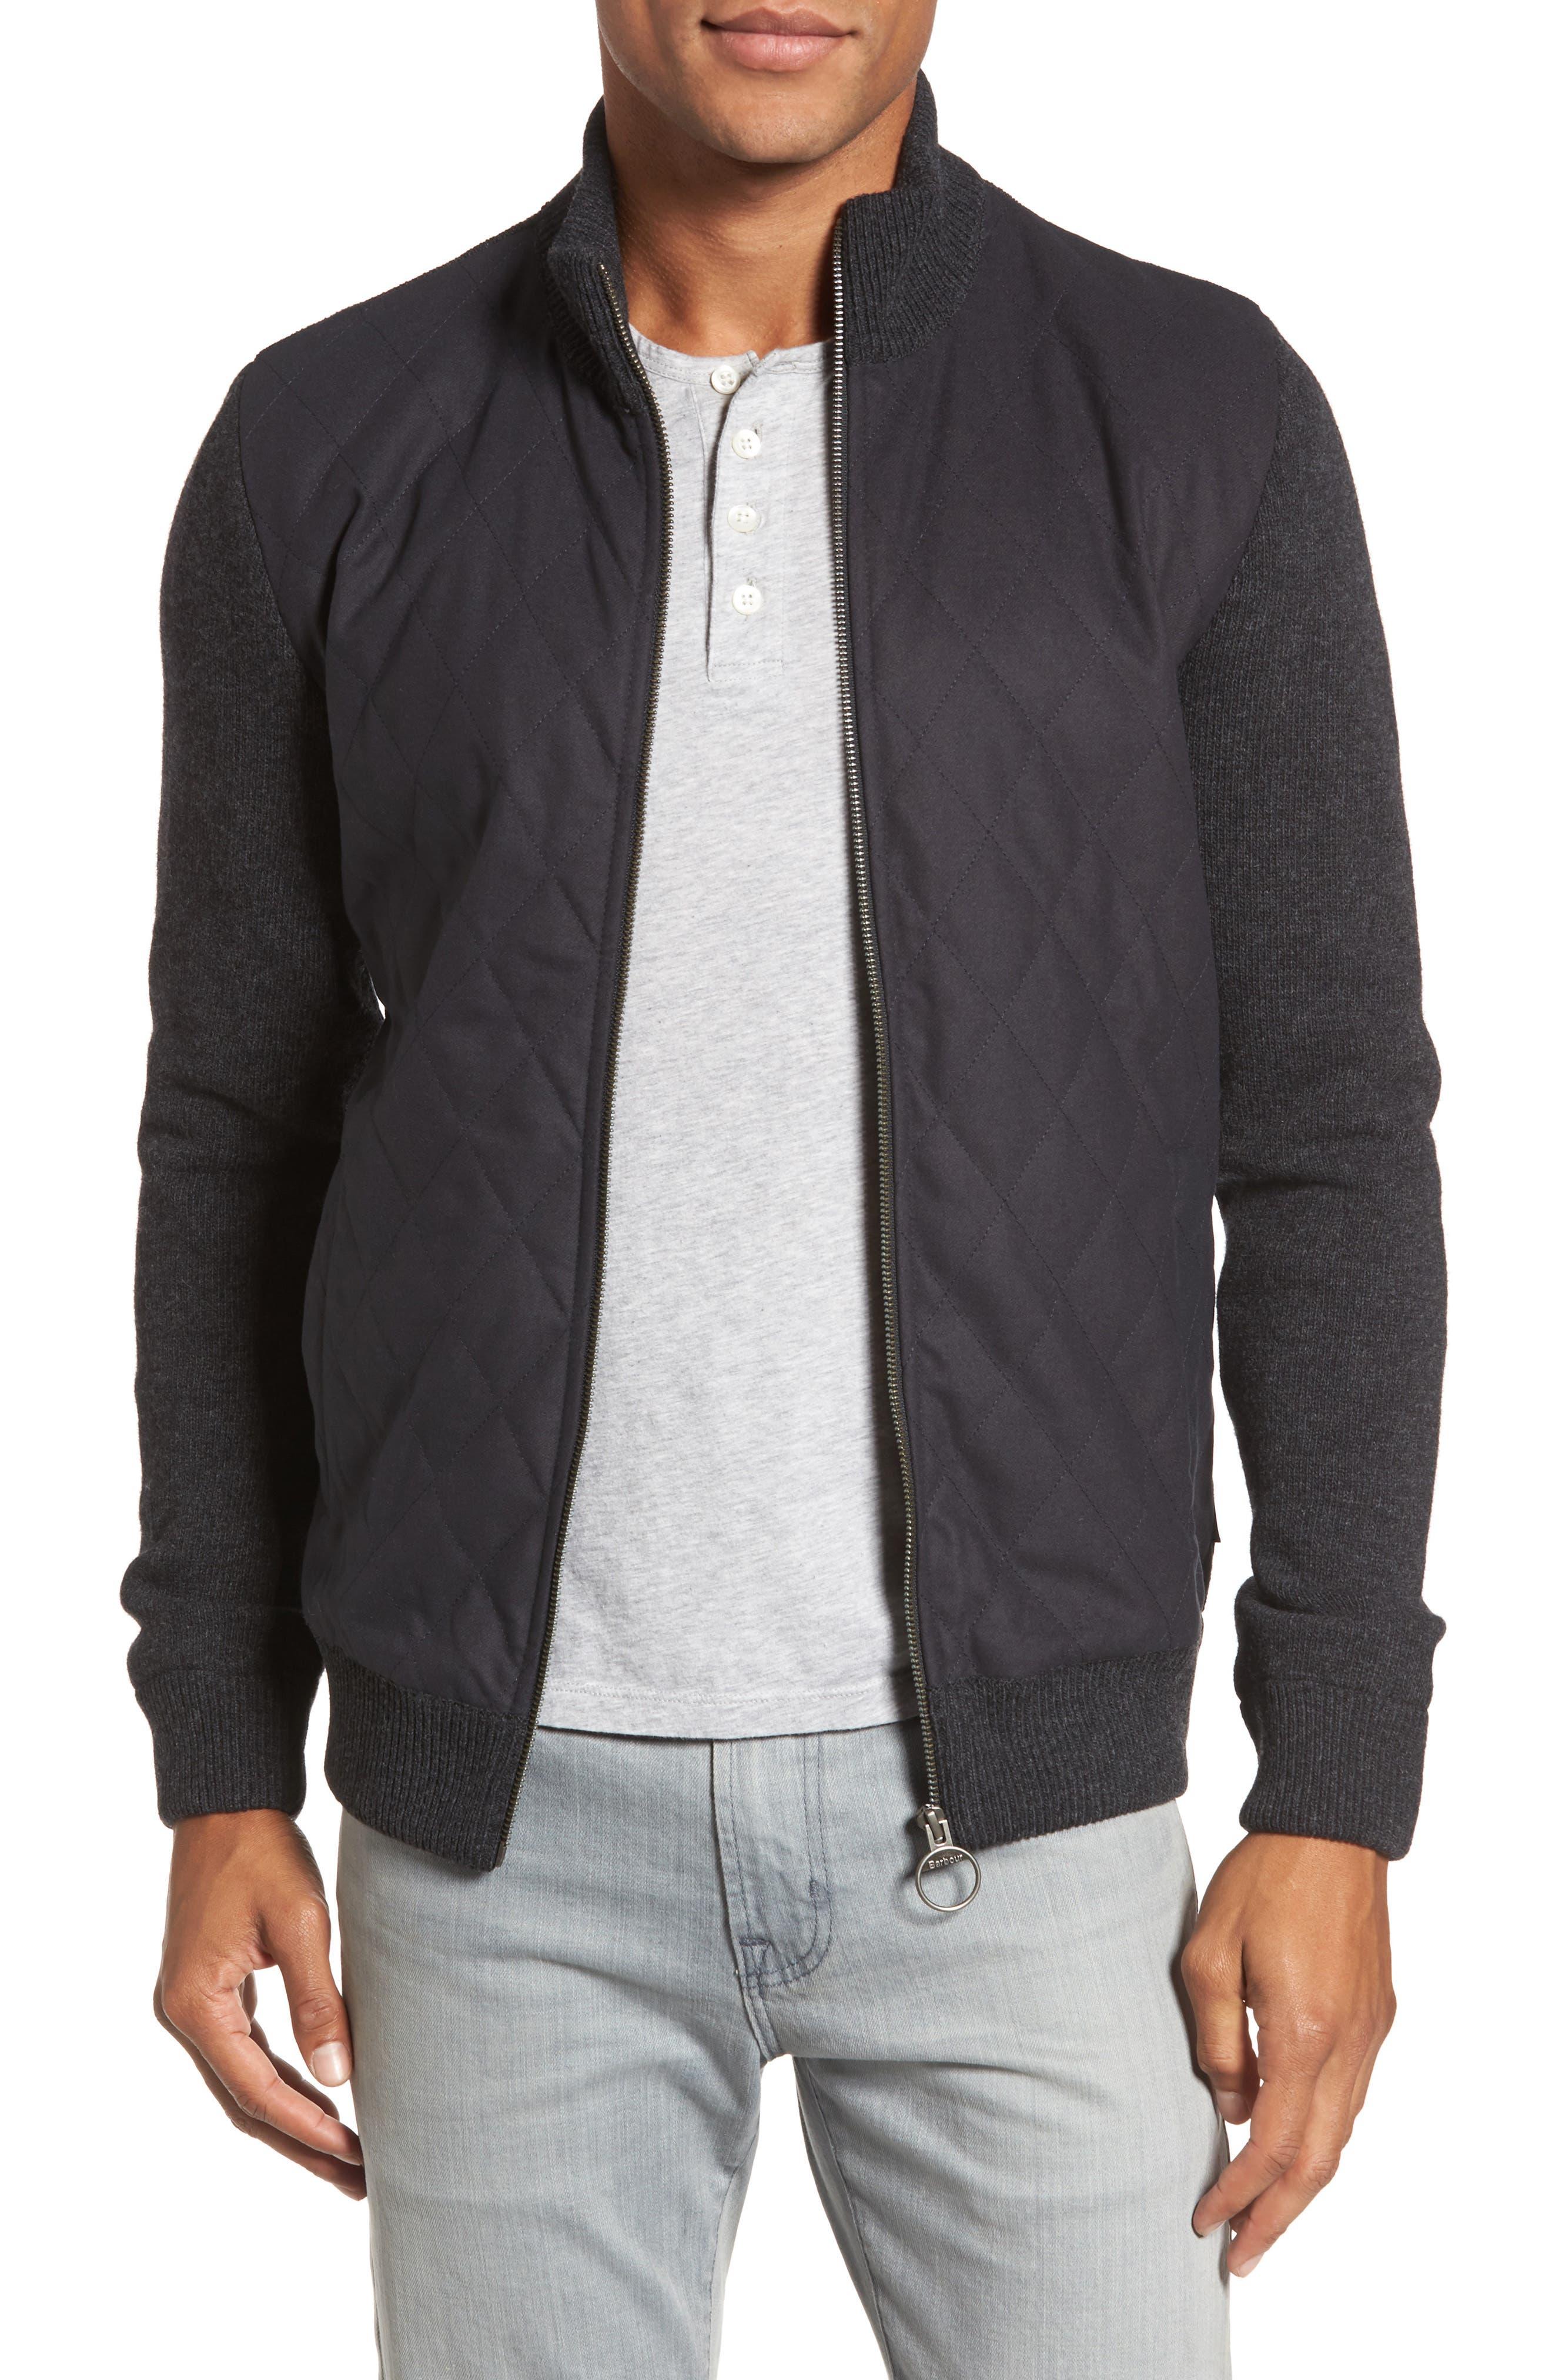 Alternate Image 1 Selected - Barbour Culzean Wool Jacket